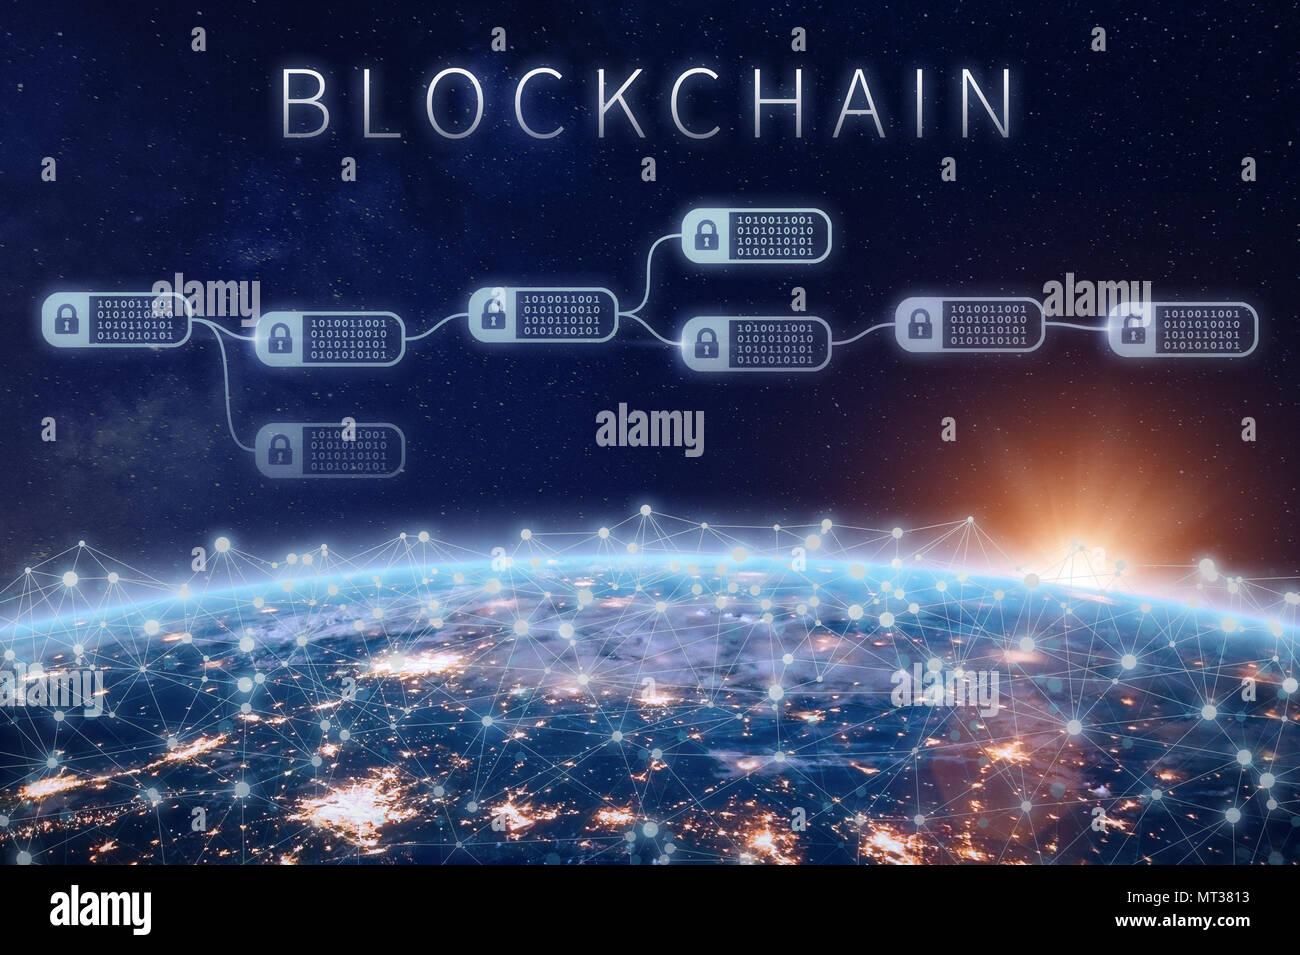 Blockchain finanziaria il concetto di tecnologia con rete di catena criptata del blocco di transazione legata intorno al pianeta Terra, cryptocurrency ledger (Bitcoi Immagini Stock